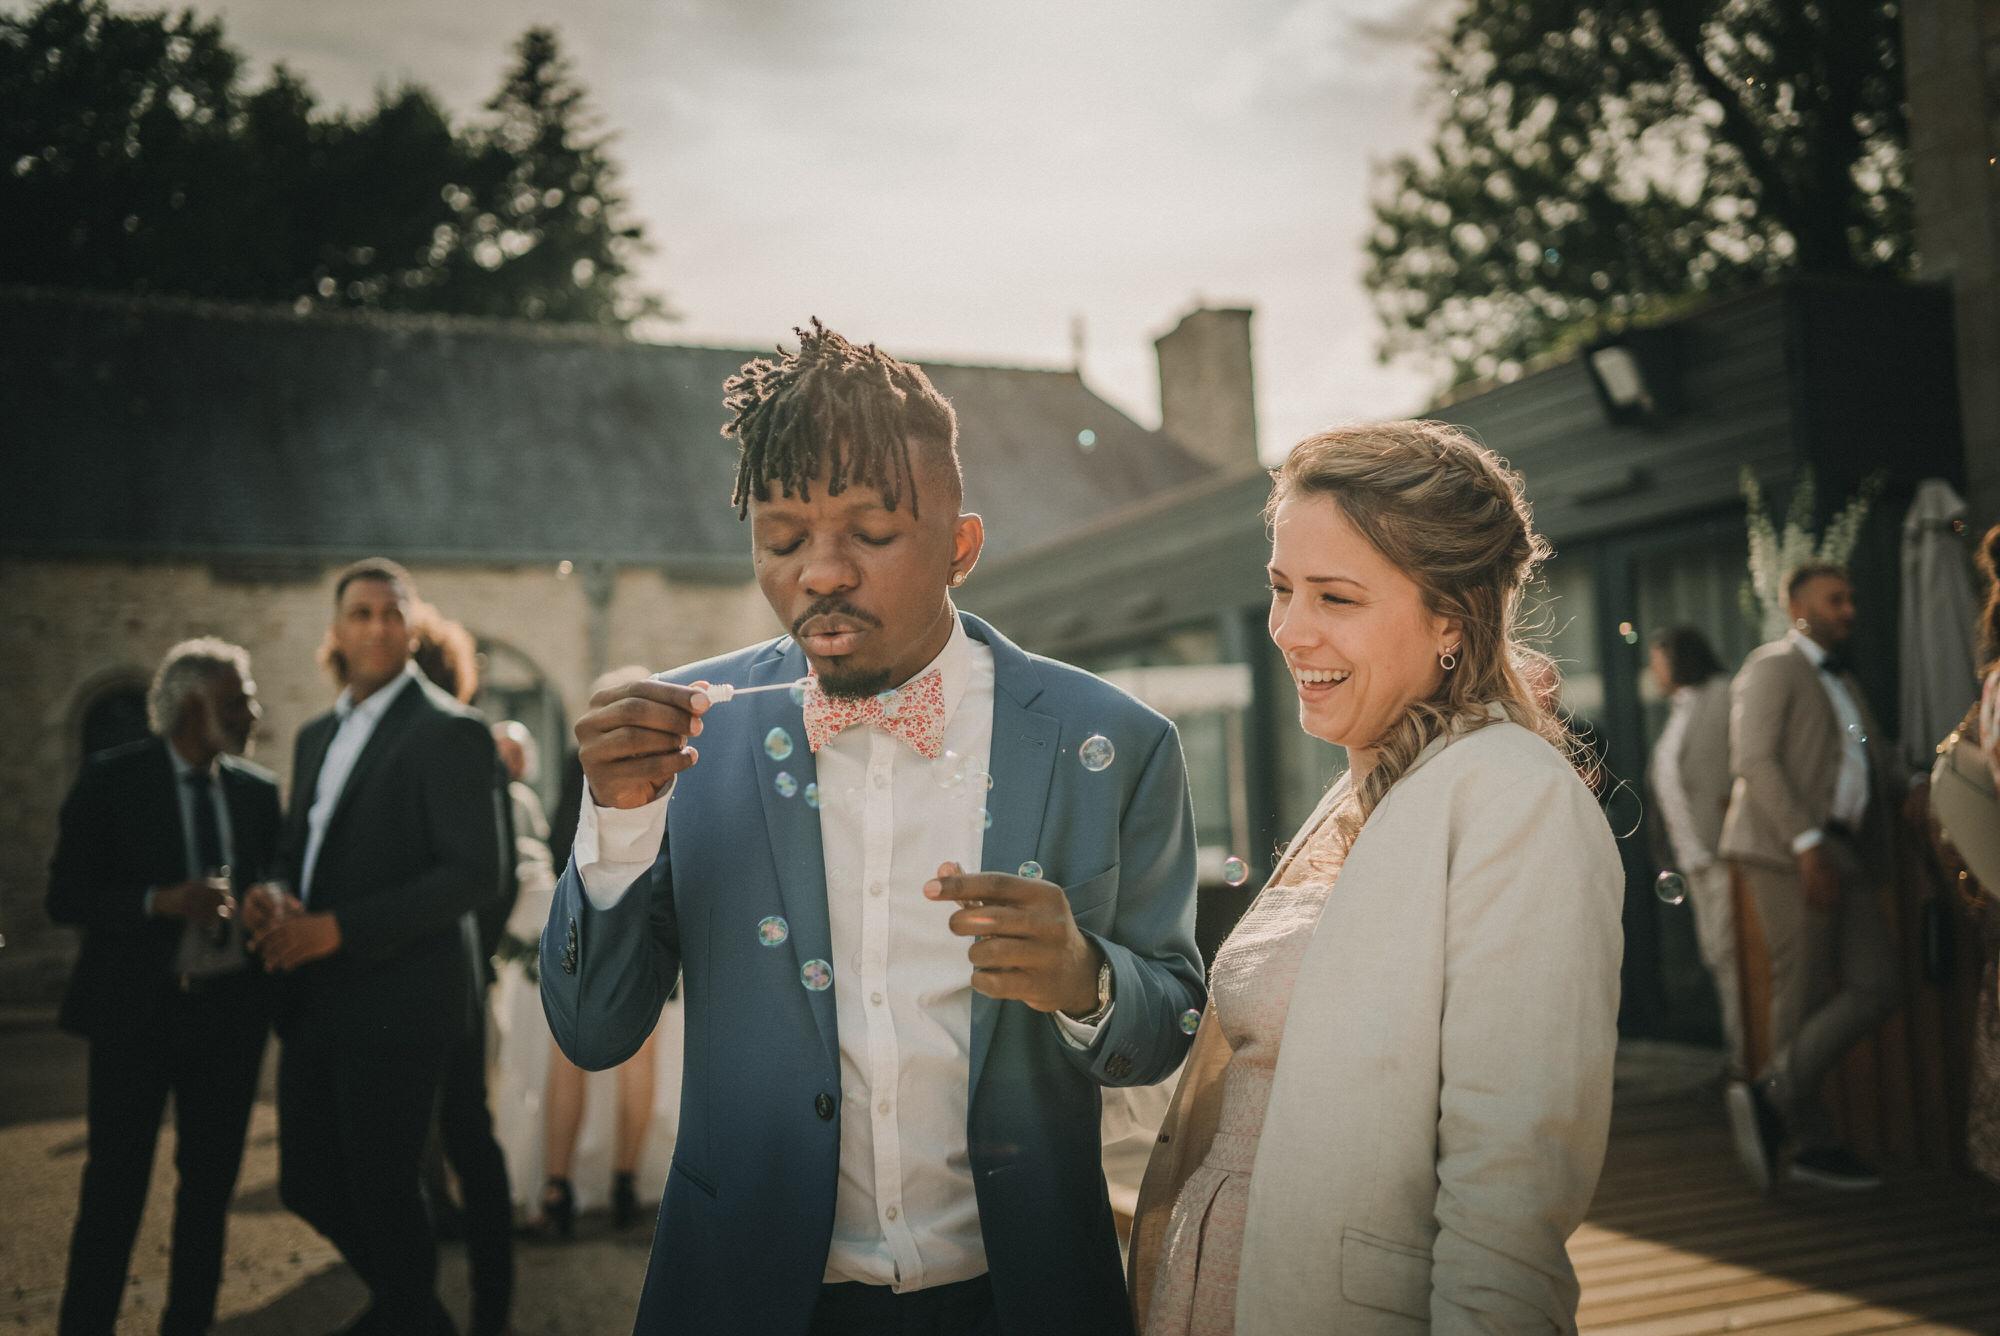 Photo De Mariage Au Manoir De Kerhuel A Plouneour Lanvern De Perle Danilson Par Antoine Borzeix 948, Photographe & Videaste à Brest / Finistère